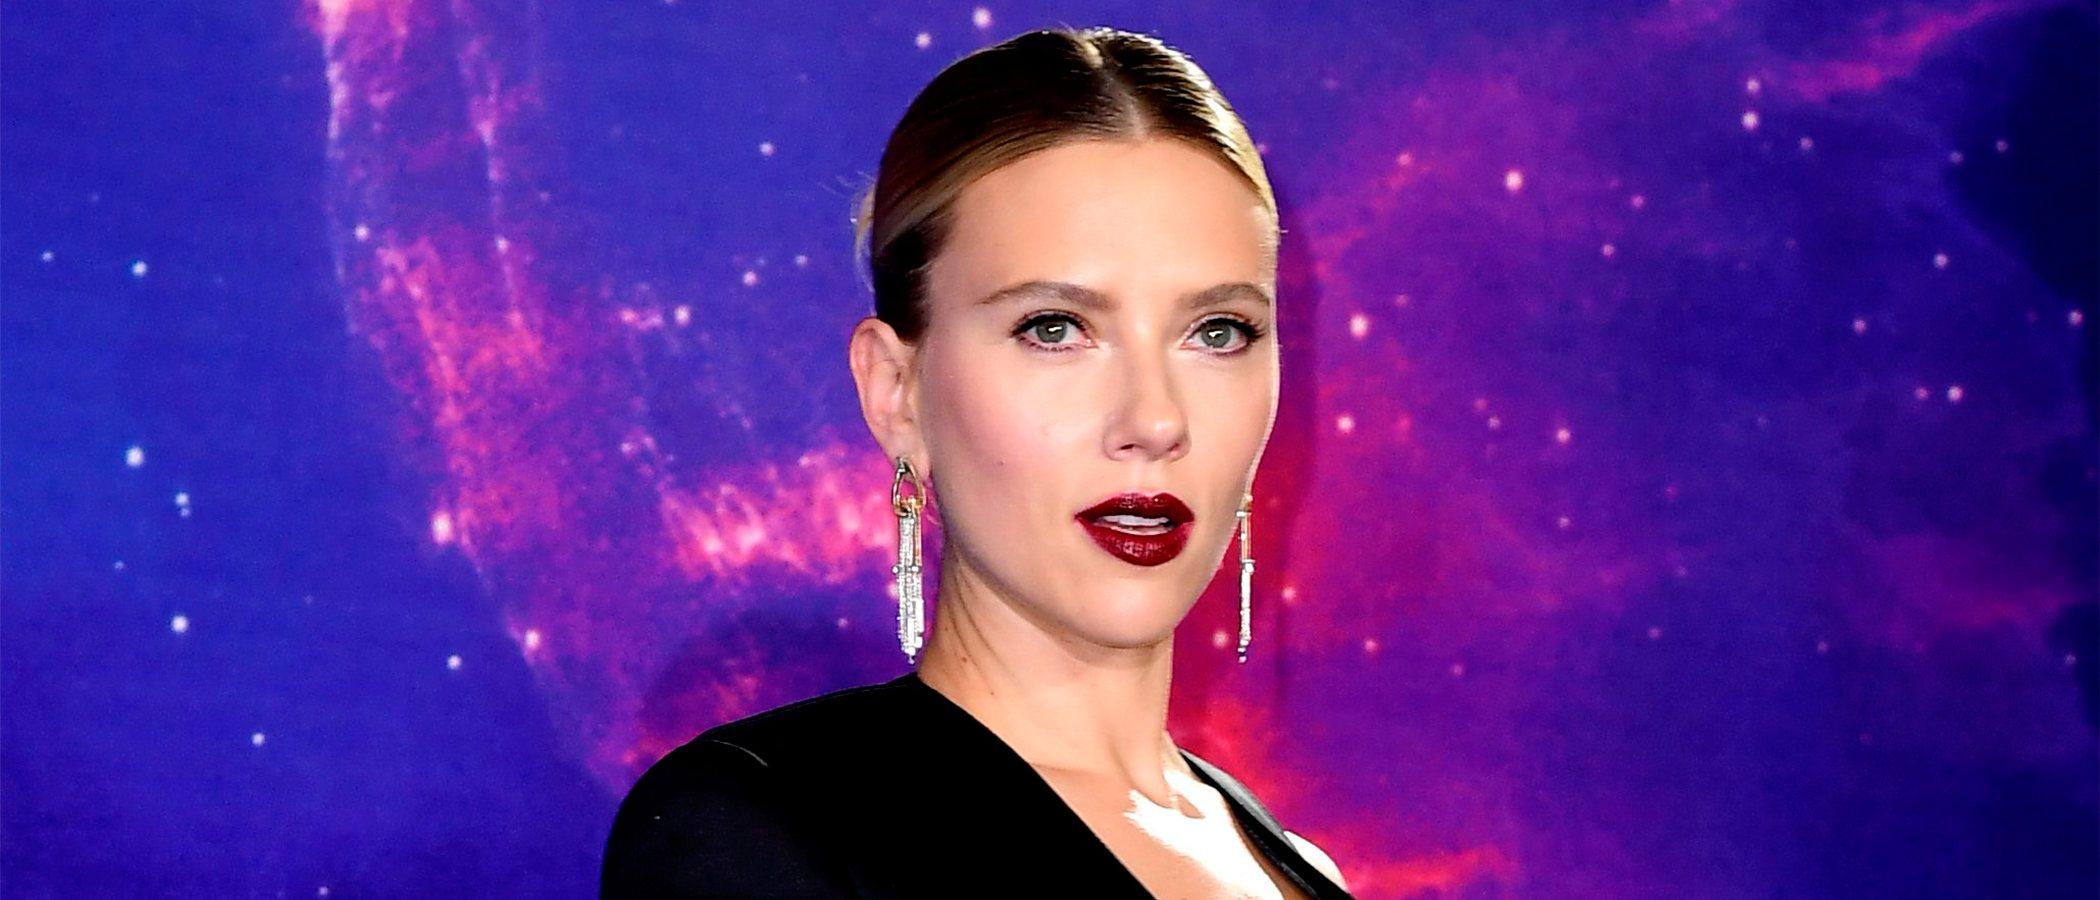 Evolución de estilismos de Scarlett Johansson: la importancia de ser fiel a una misma